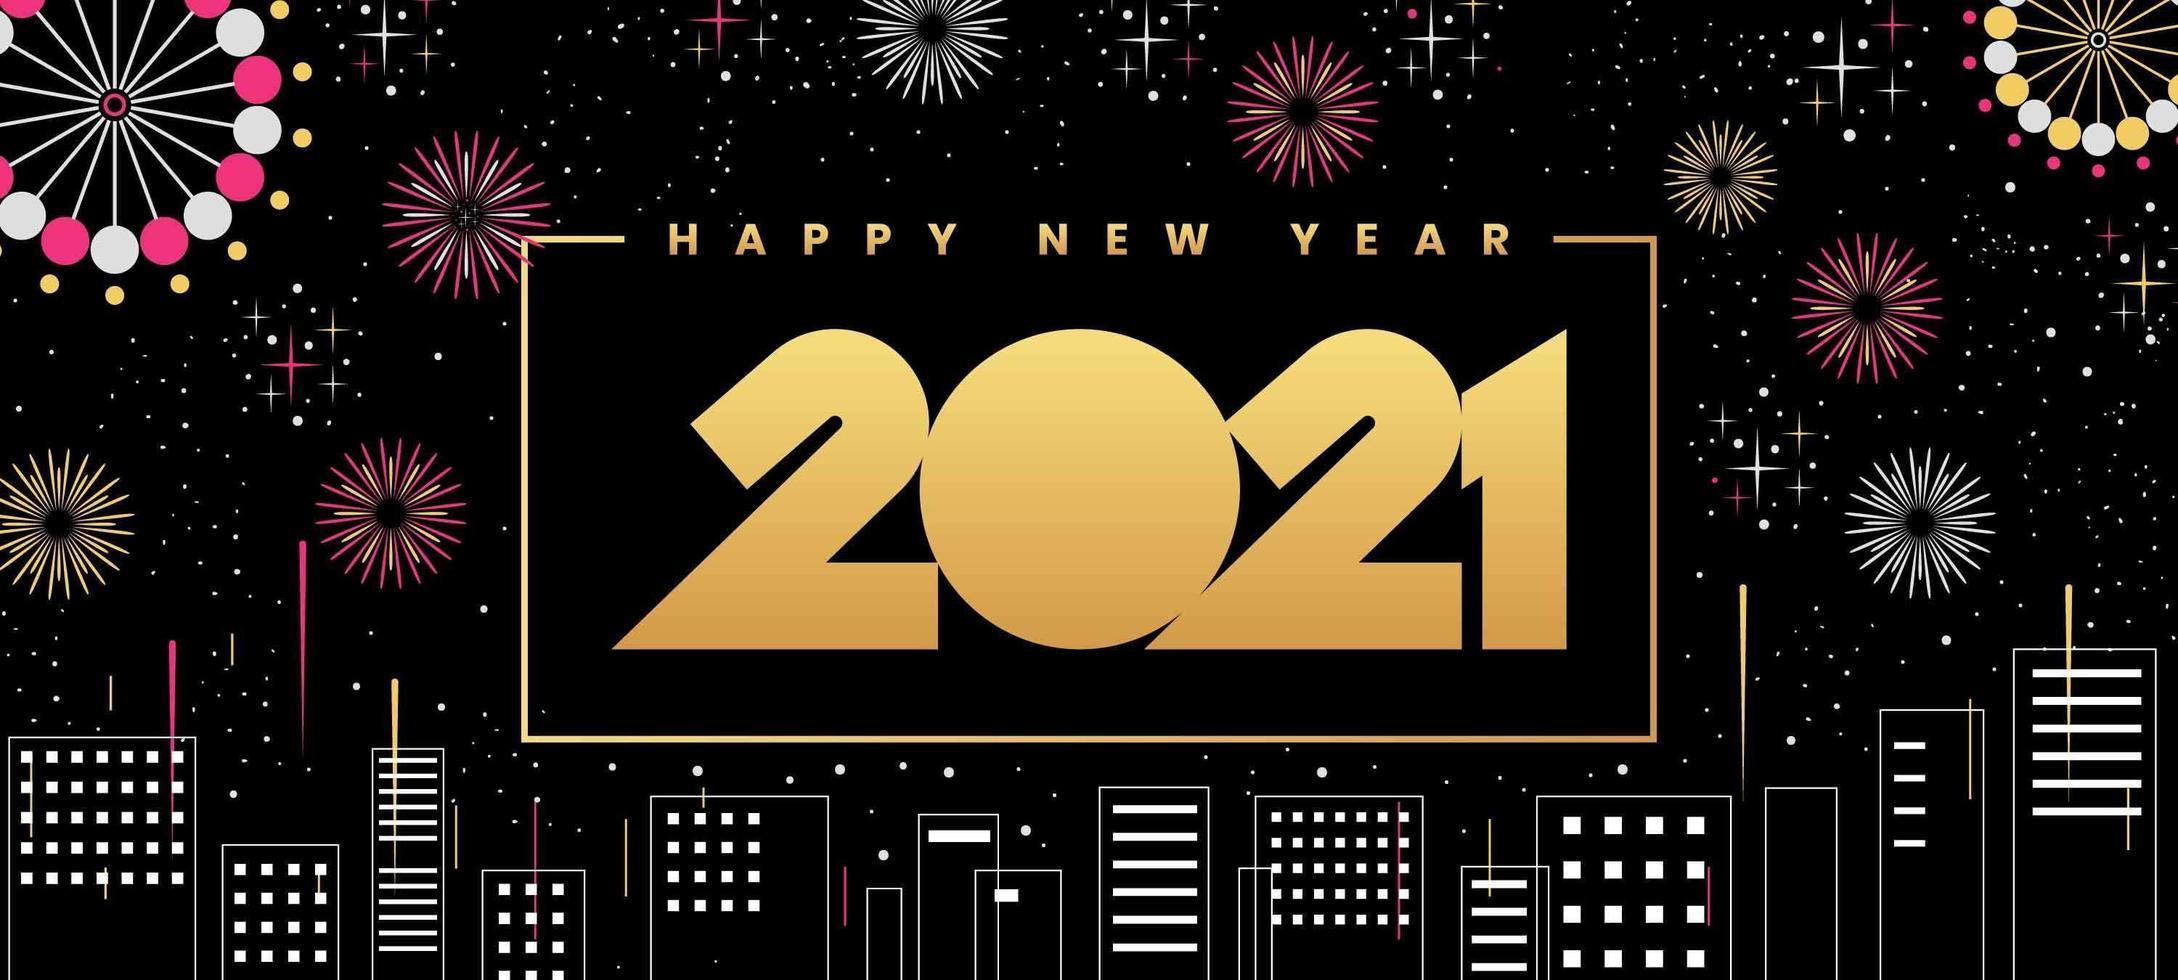 Frohes neues Jahr 2021 Stadtbild vektor